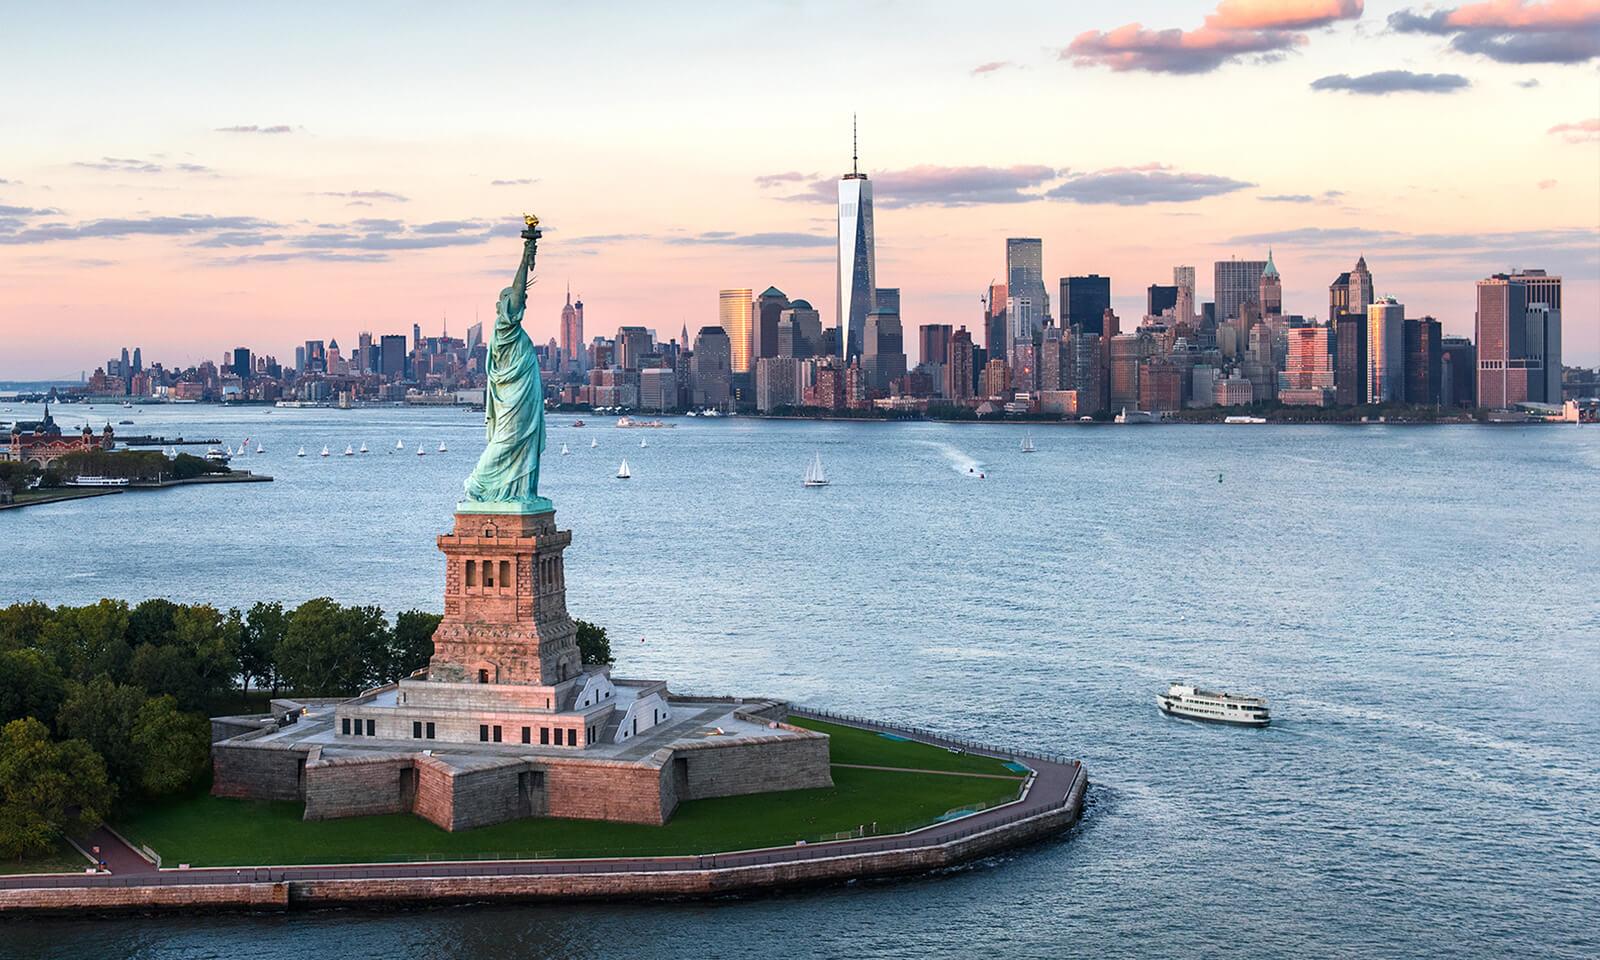 """Hoa Kỳ được xem là """"miền đất hứa"""" dành cho các tín đồ du lịch"""